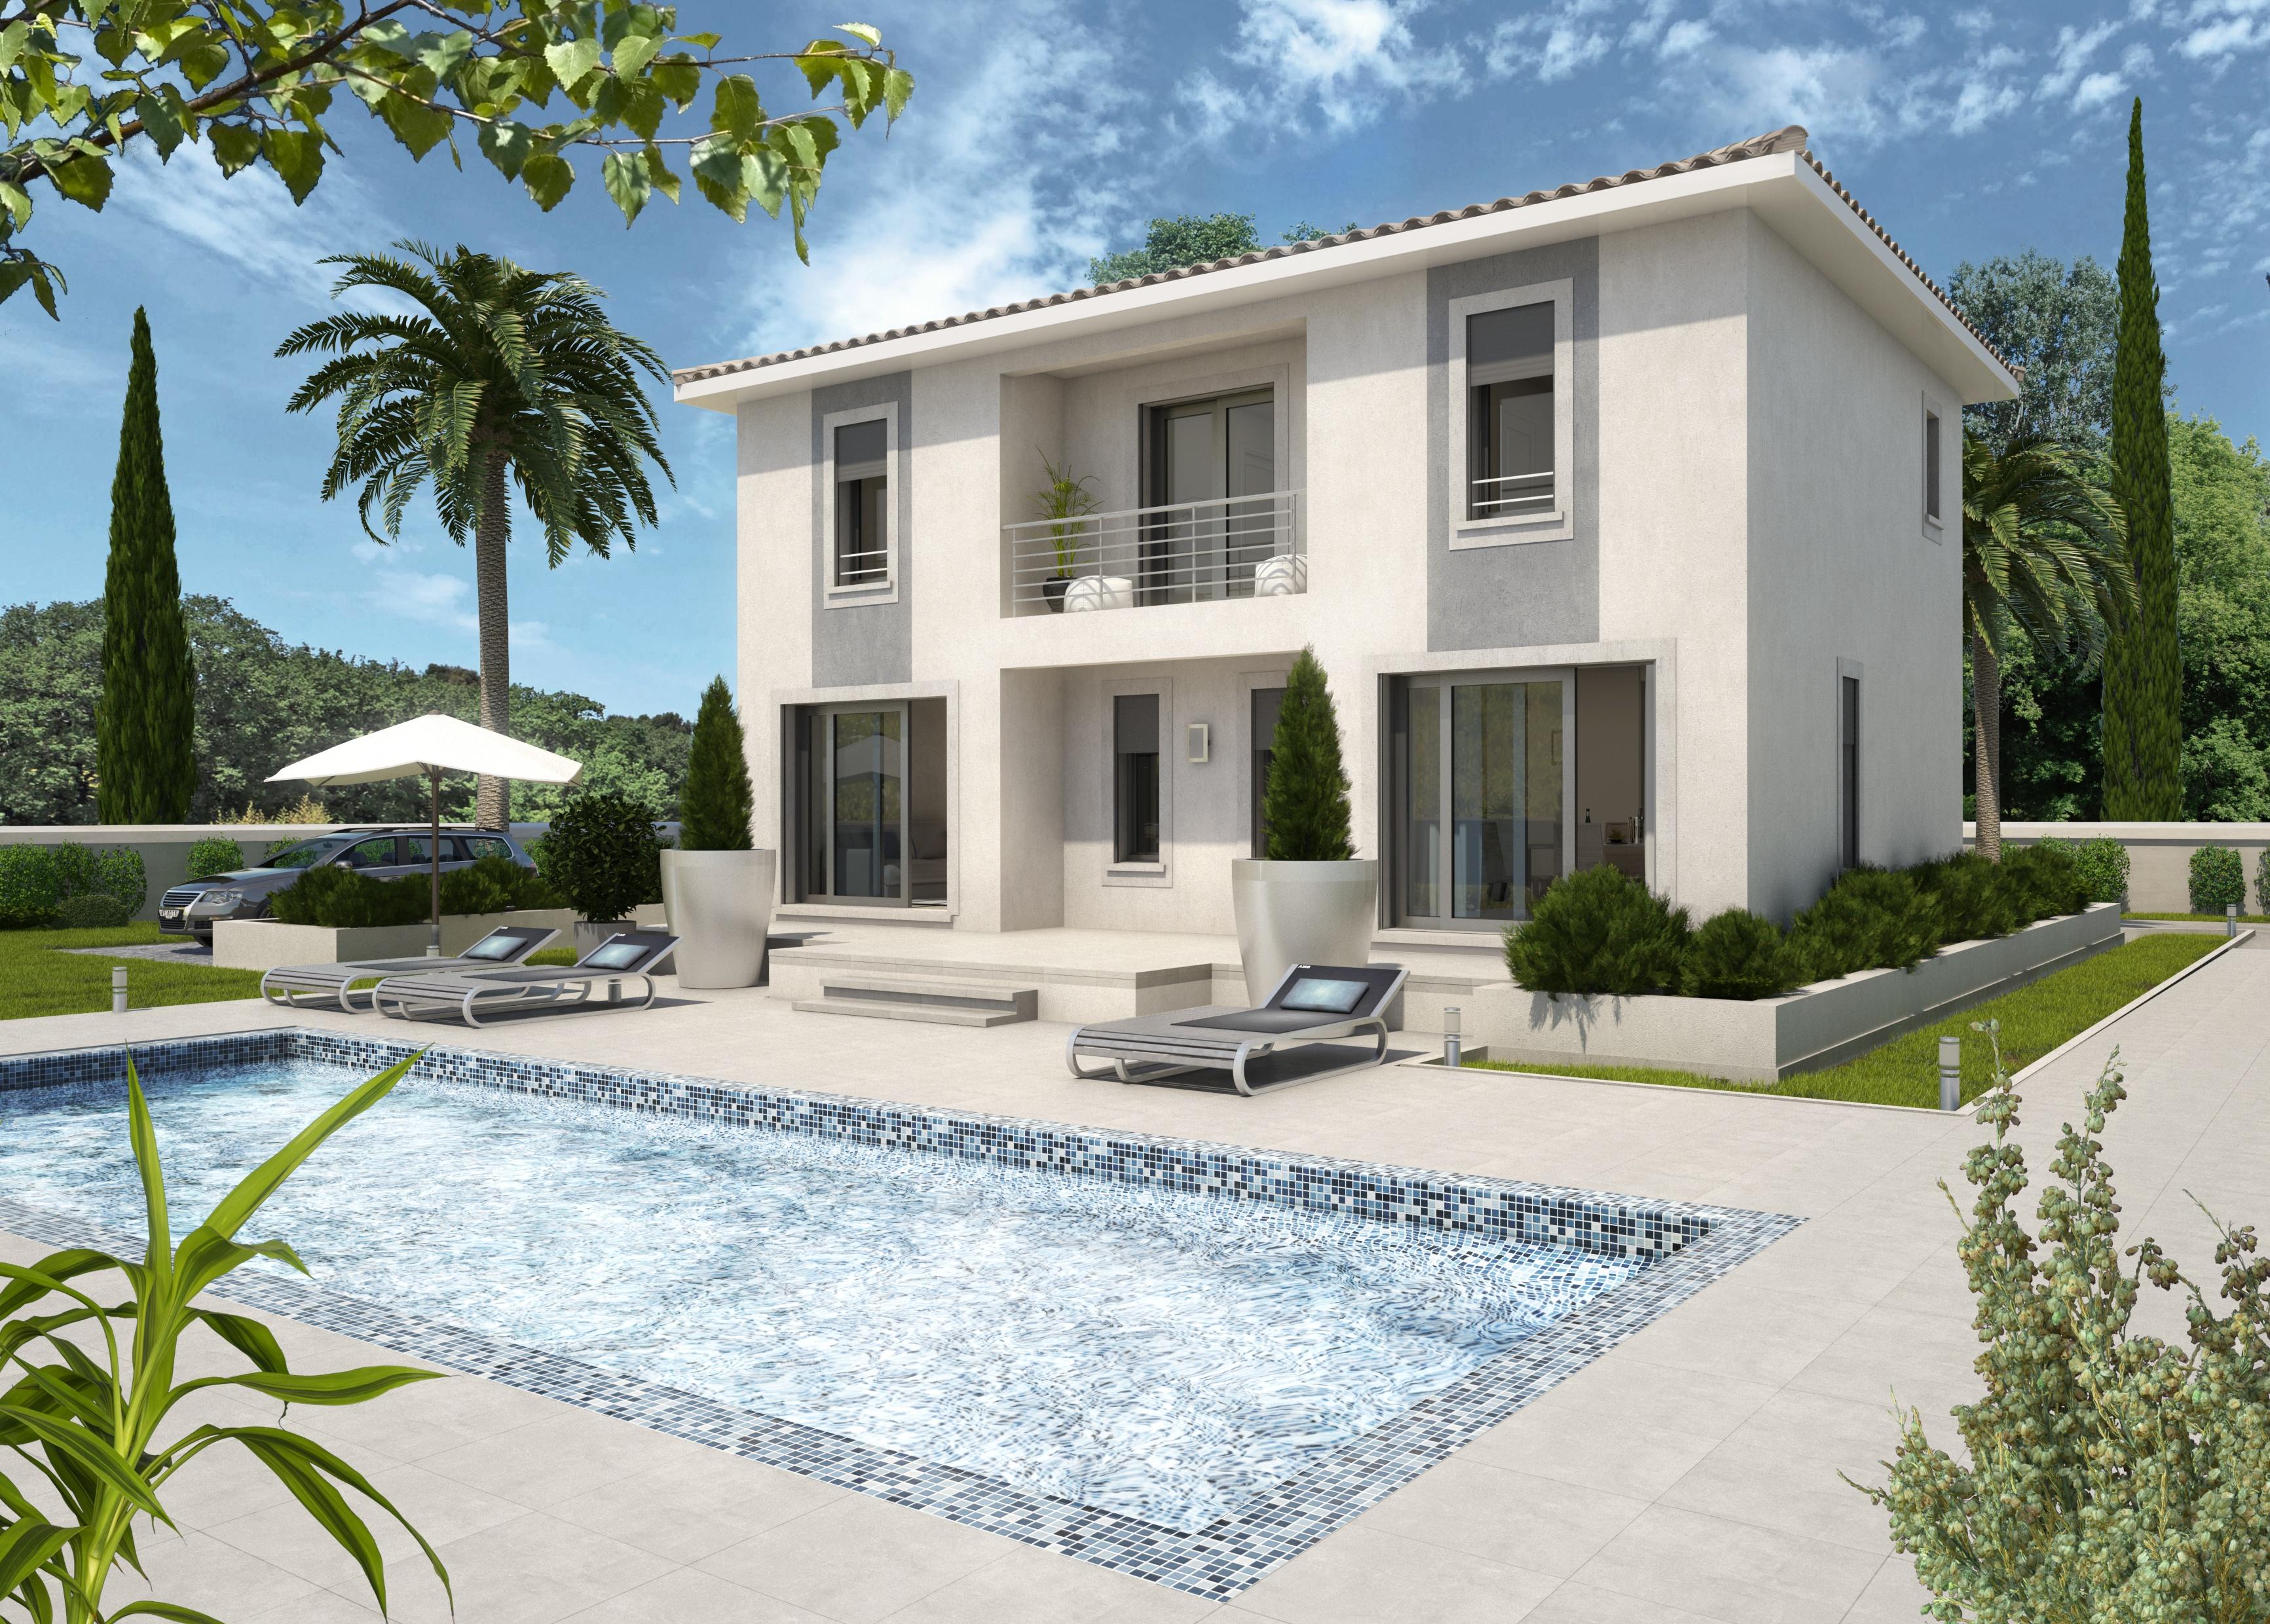 Maisons + Terrains du constructeur ART ET TRADITIONS MEDITERRANEE • 120 m² • PUJAUT